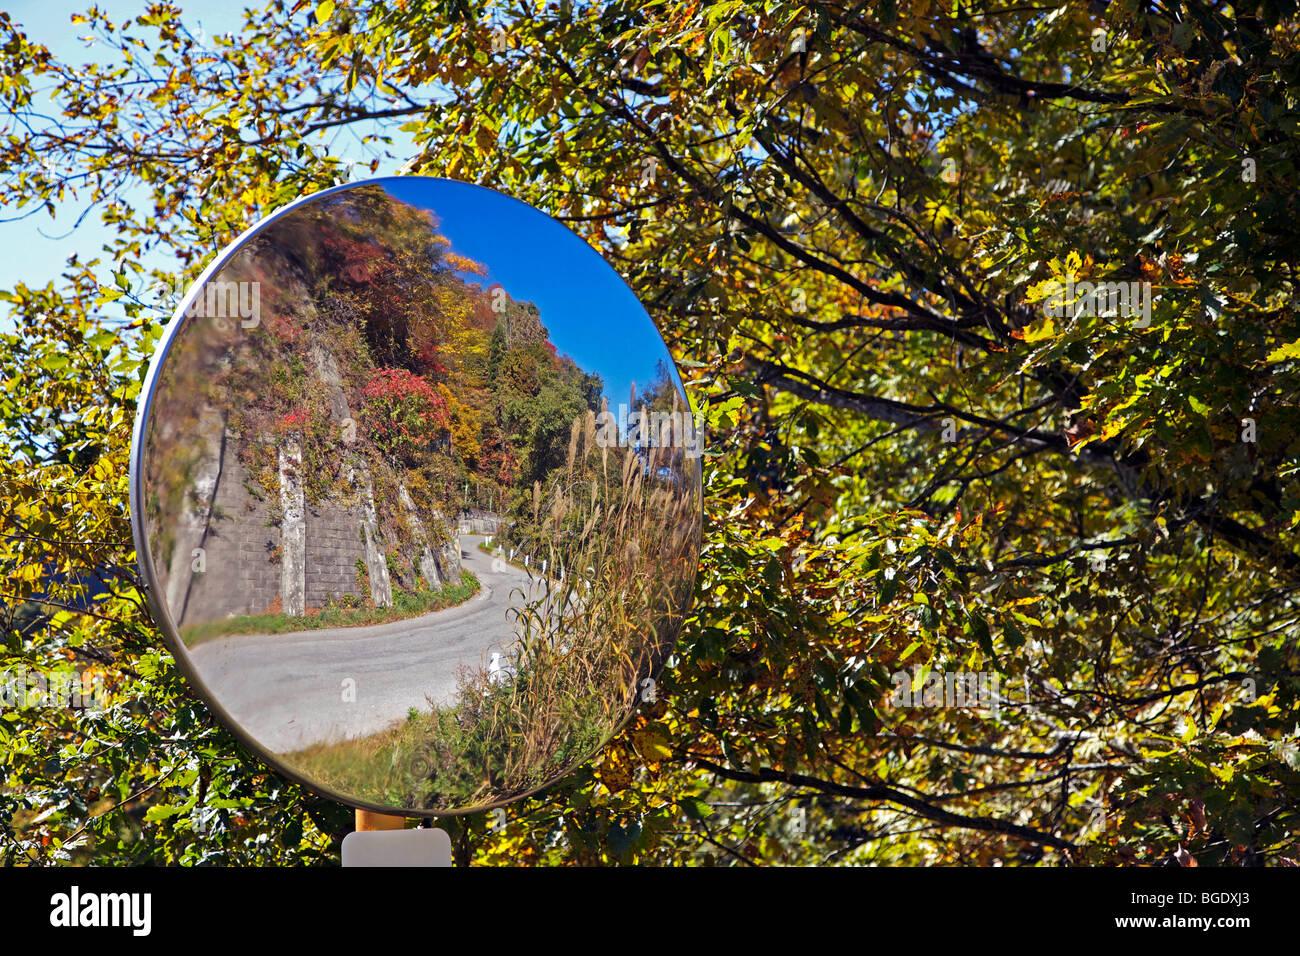 Mirror on road bend, Nagano, Japan - Stock Image